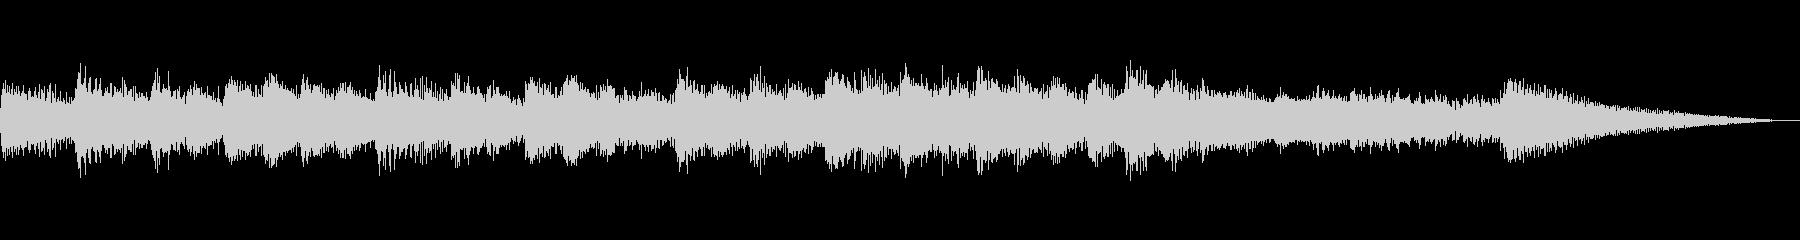 切ないピアノのメロディーのサウンドロゴの未再生の波形